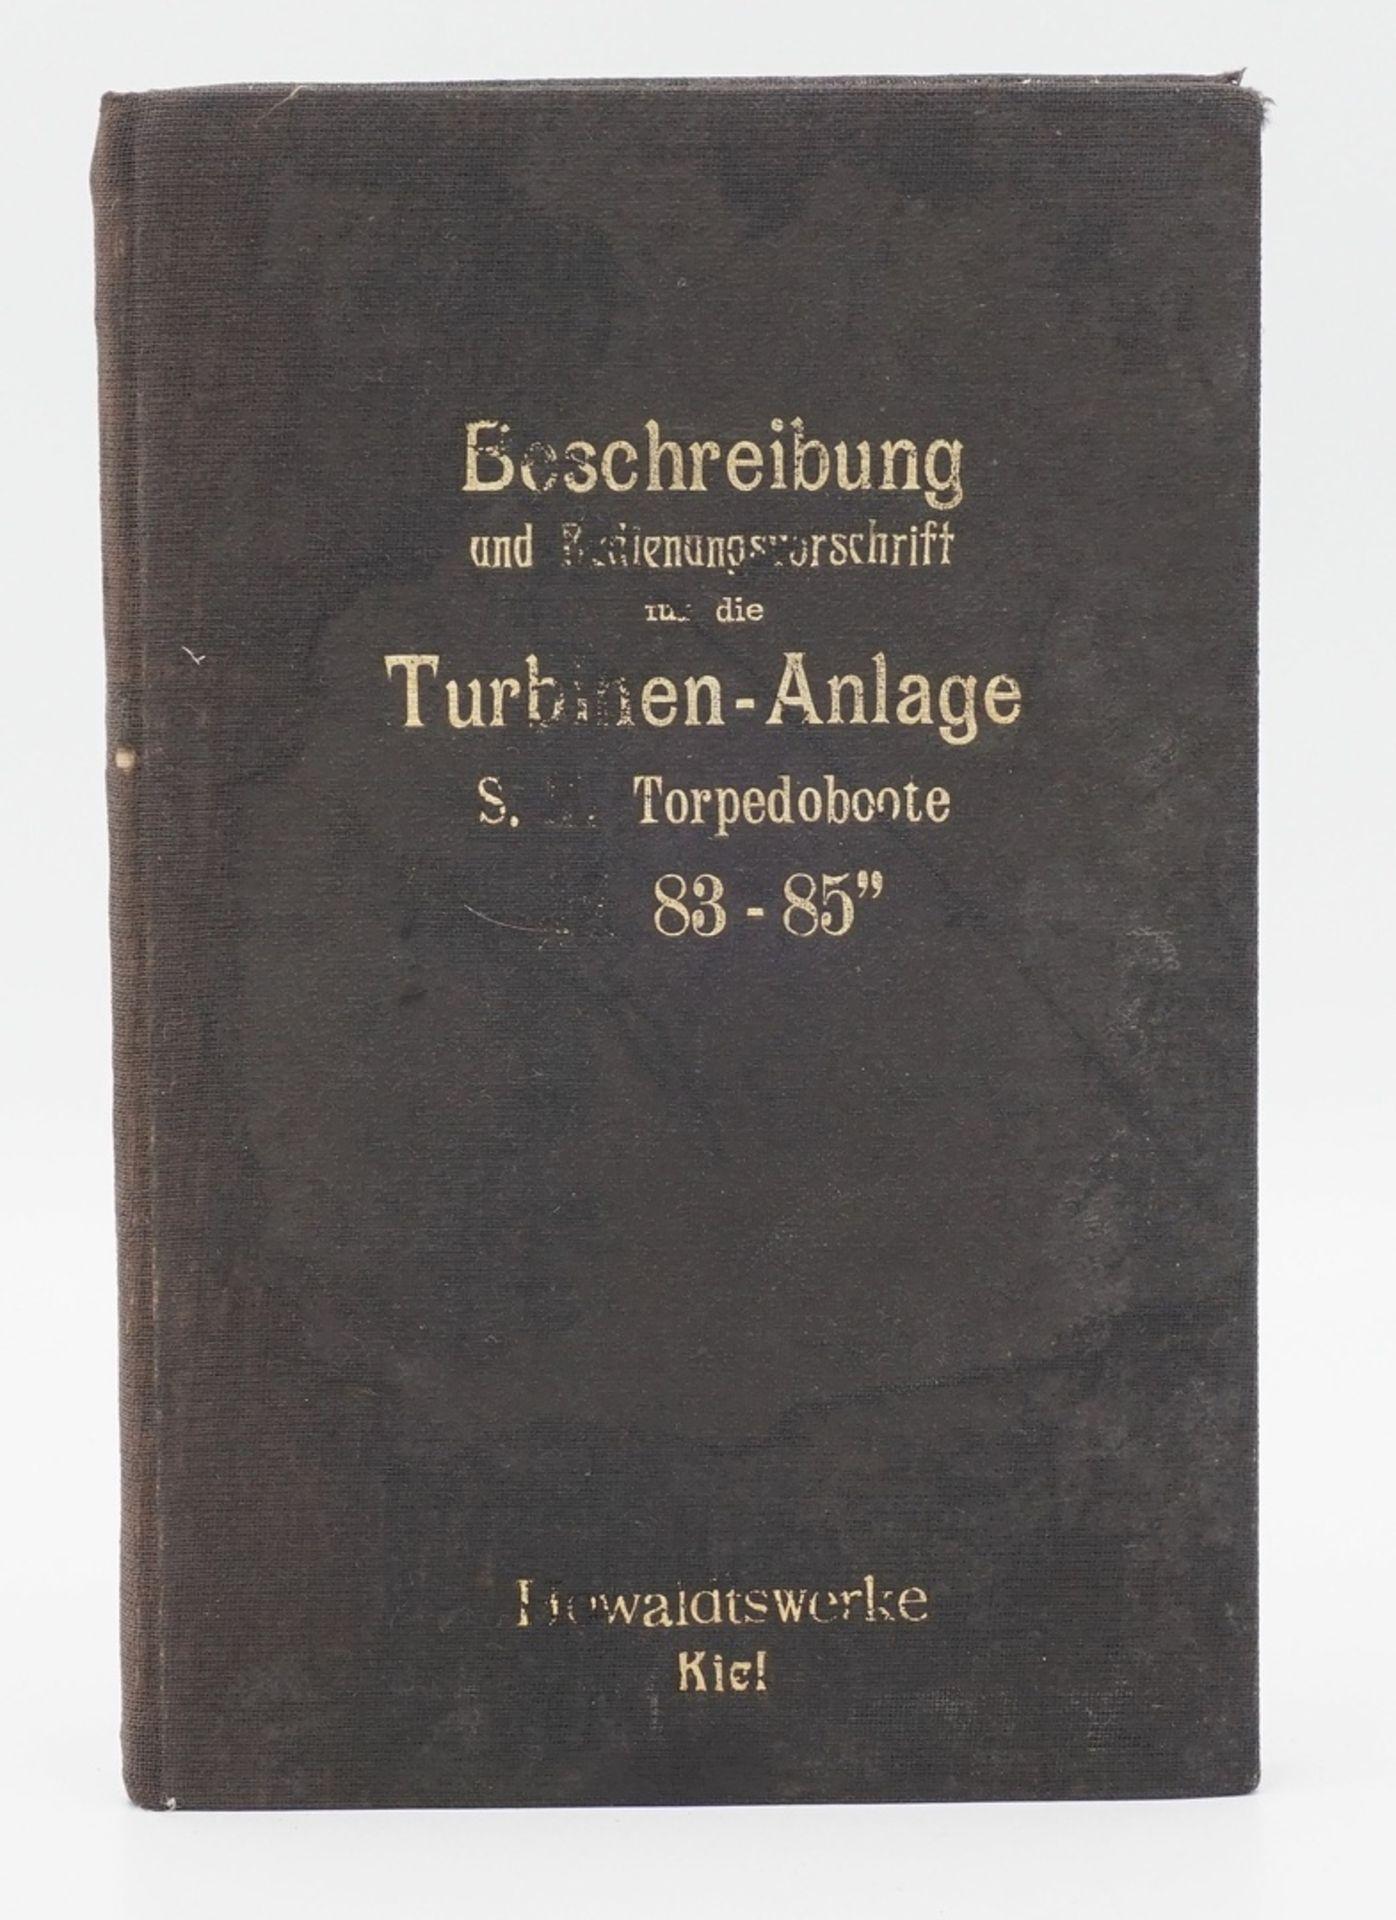 Howaldtswerke Kiel, Beschreibung und Bedienungsvorschrift für die Turbinen–Anlage S. M. ...